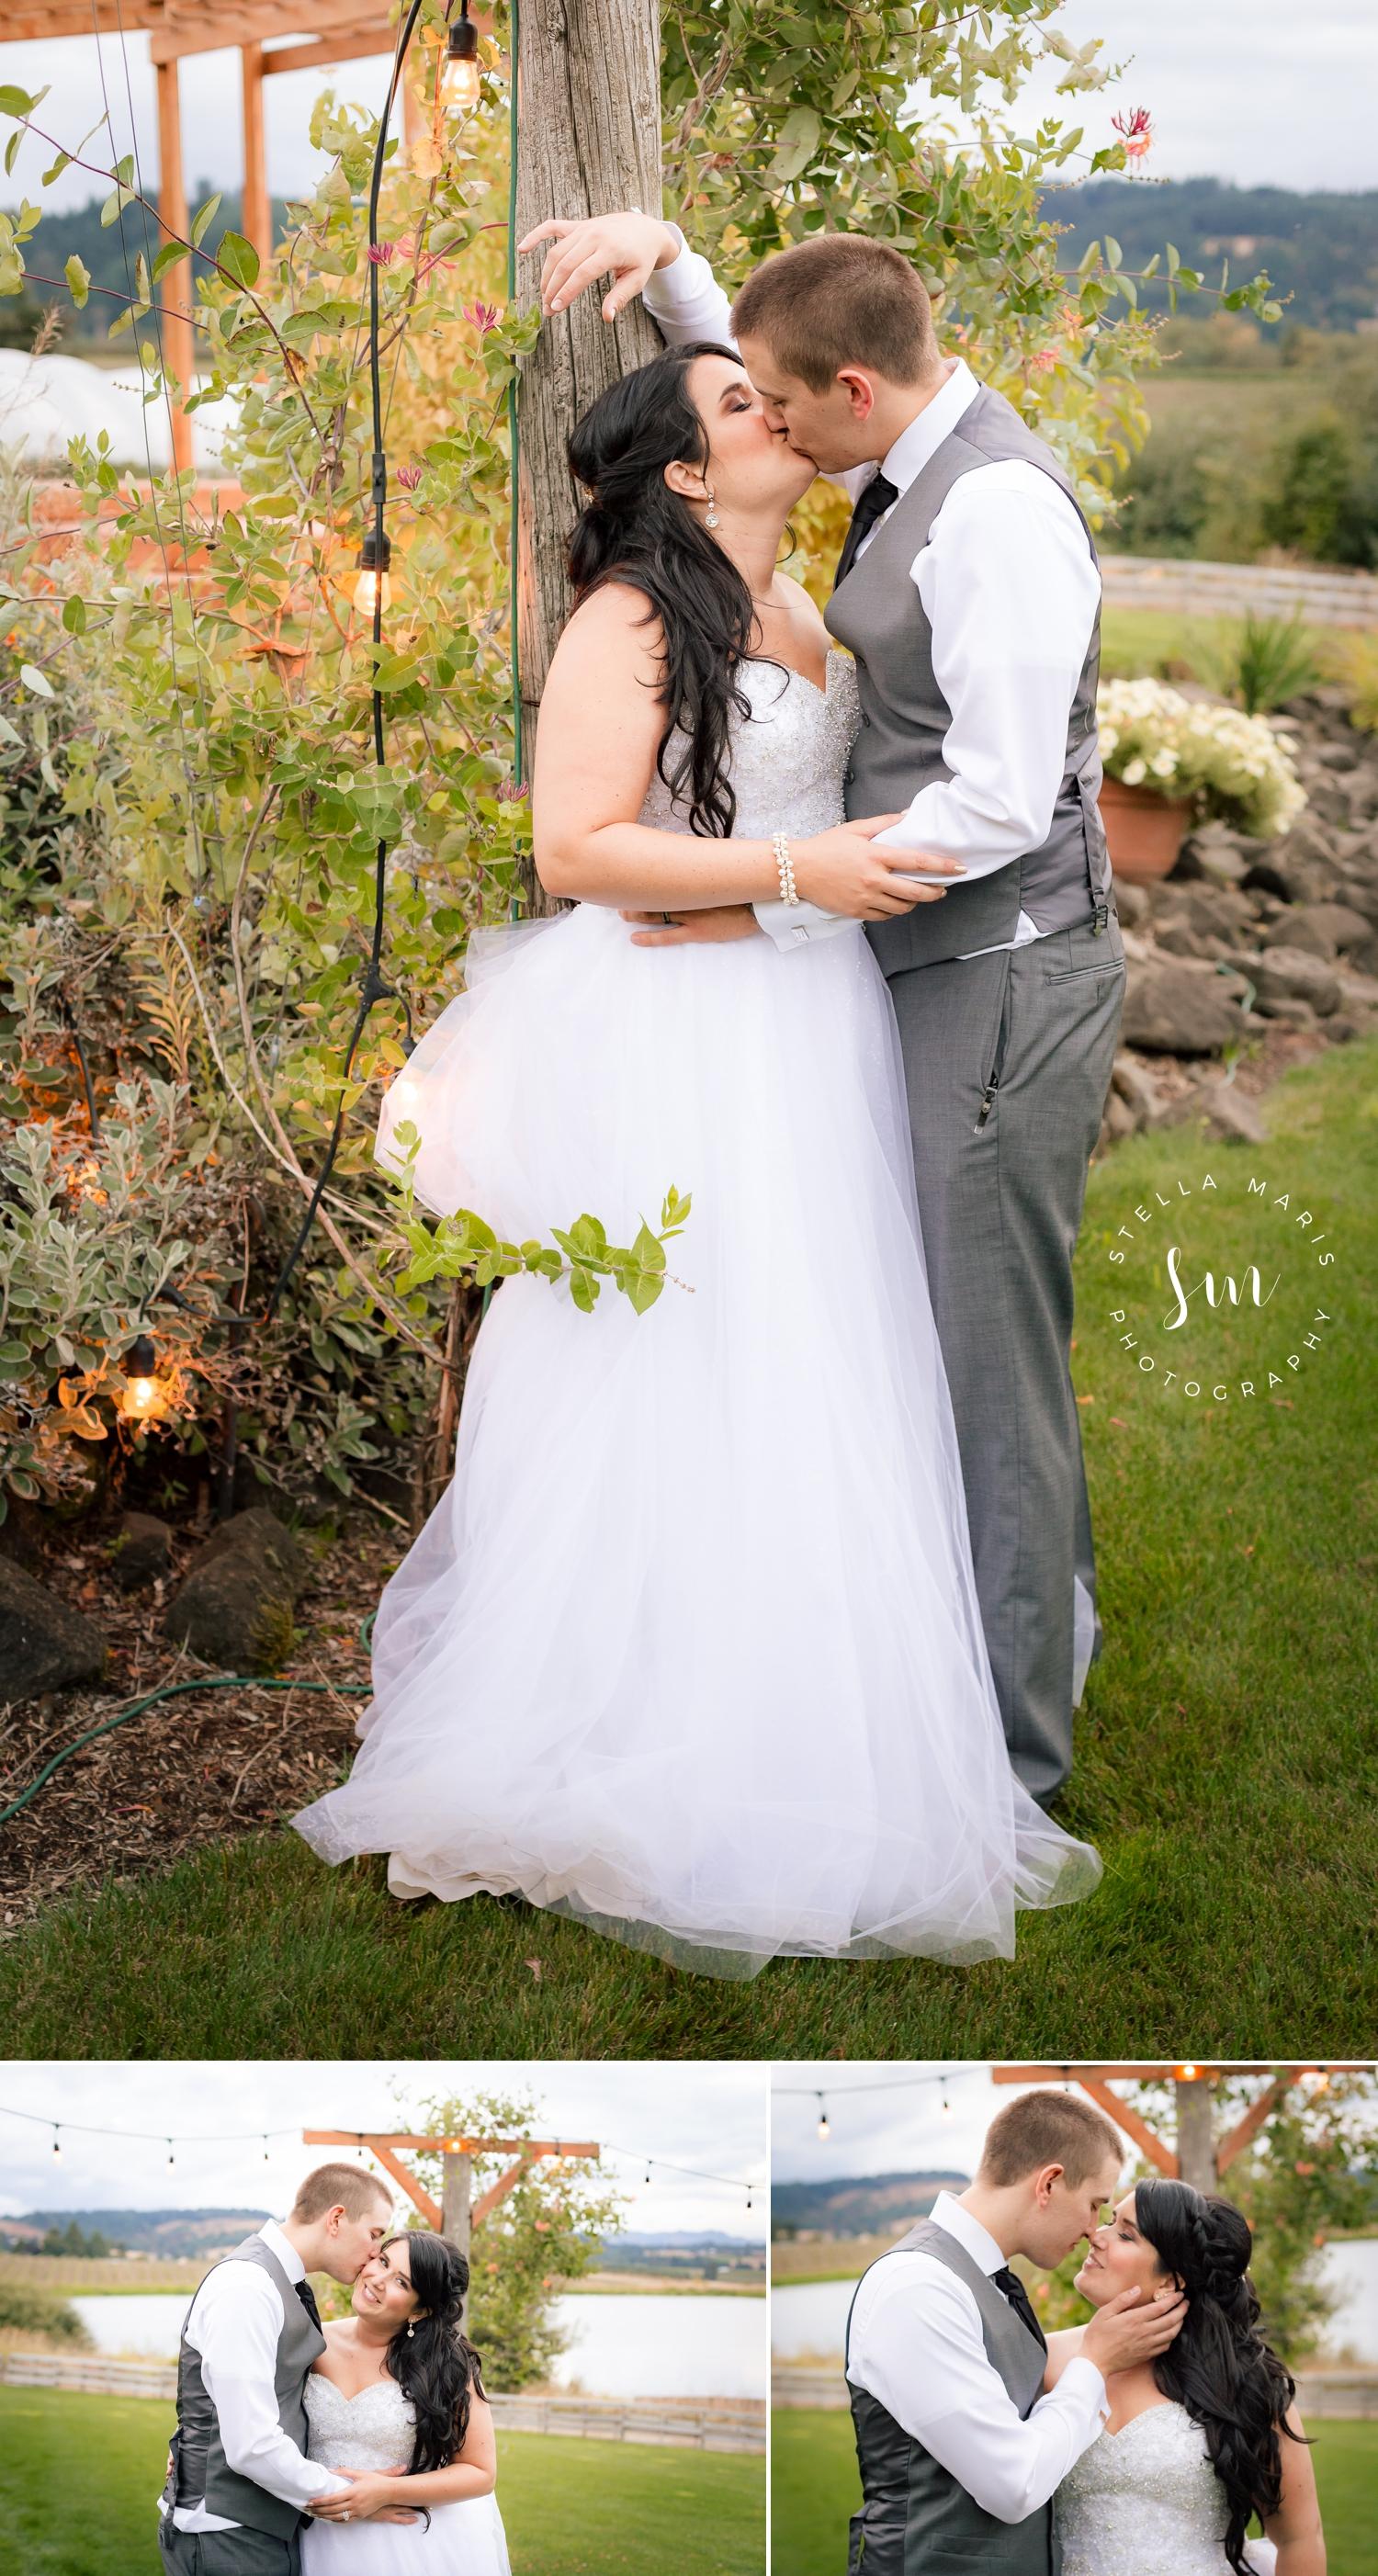 Oregon Bride and Groom celebrating